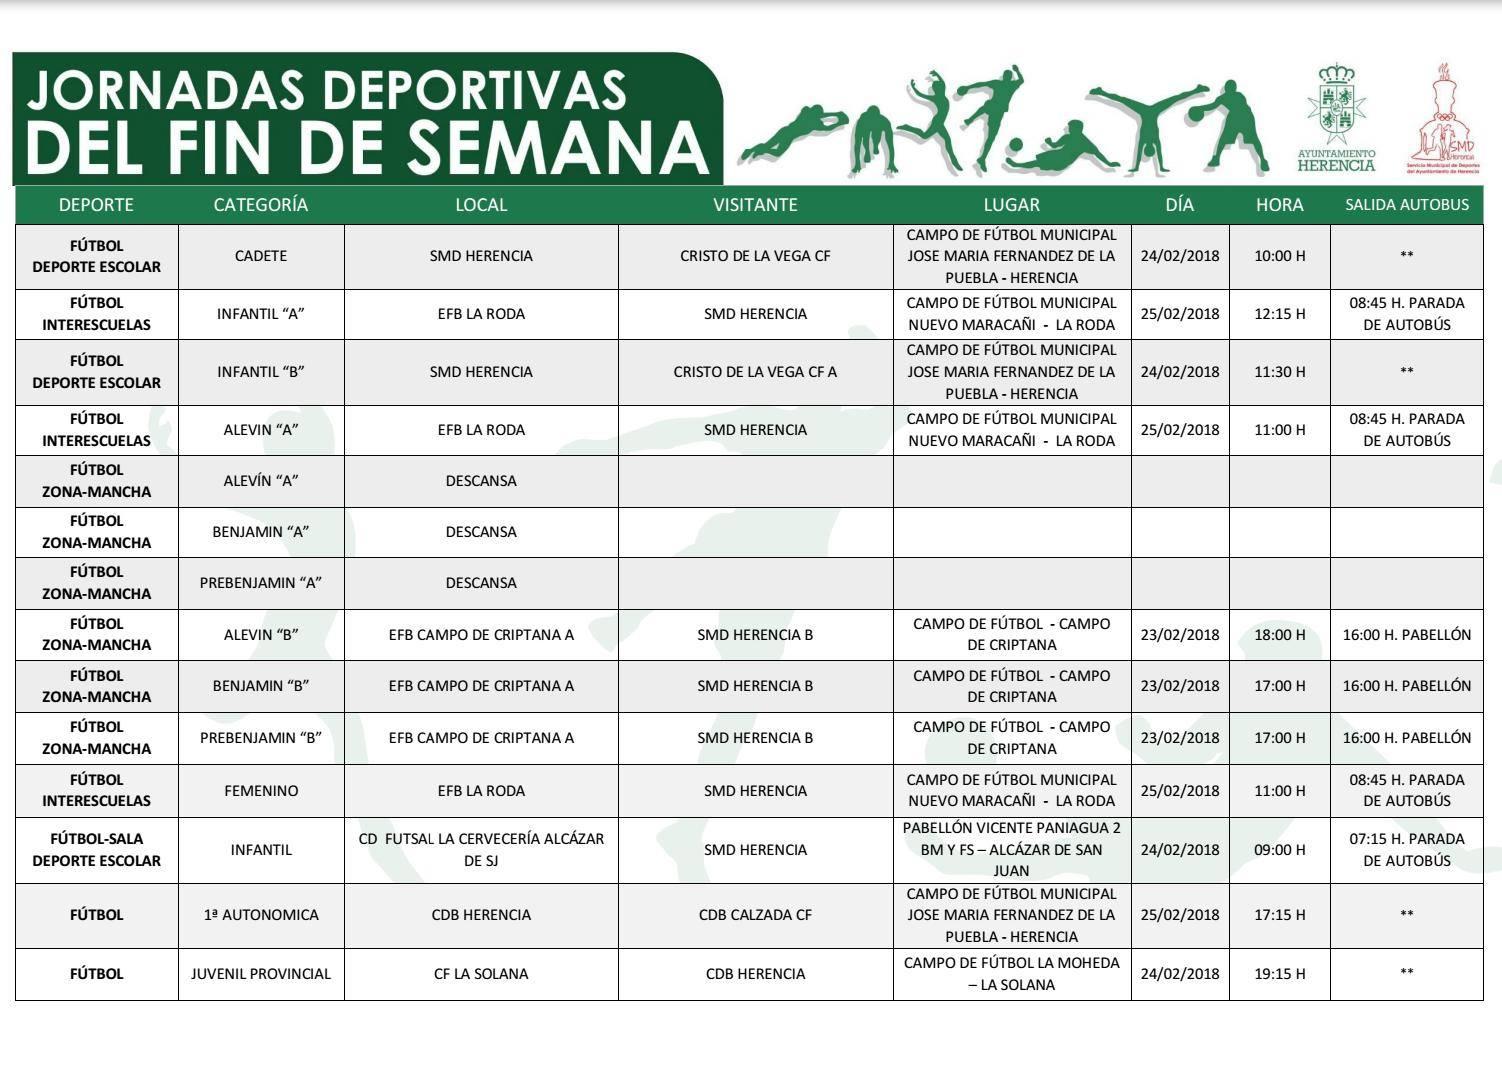 Programación deportiva para el fin de semana del 24 y 25 febrero 5